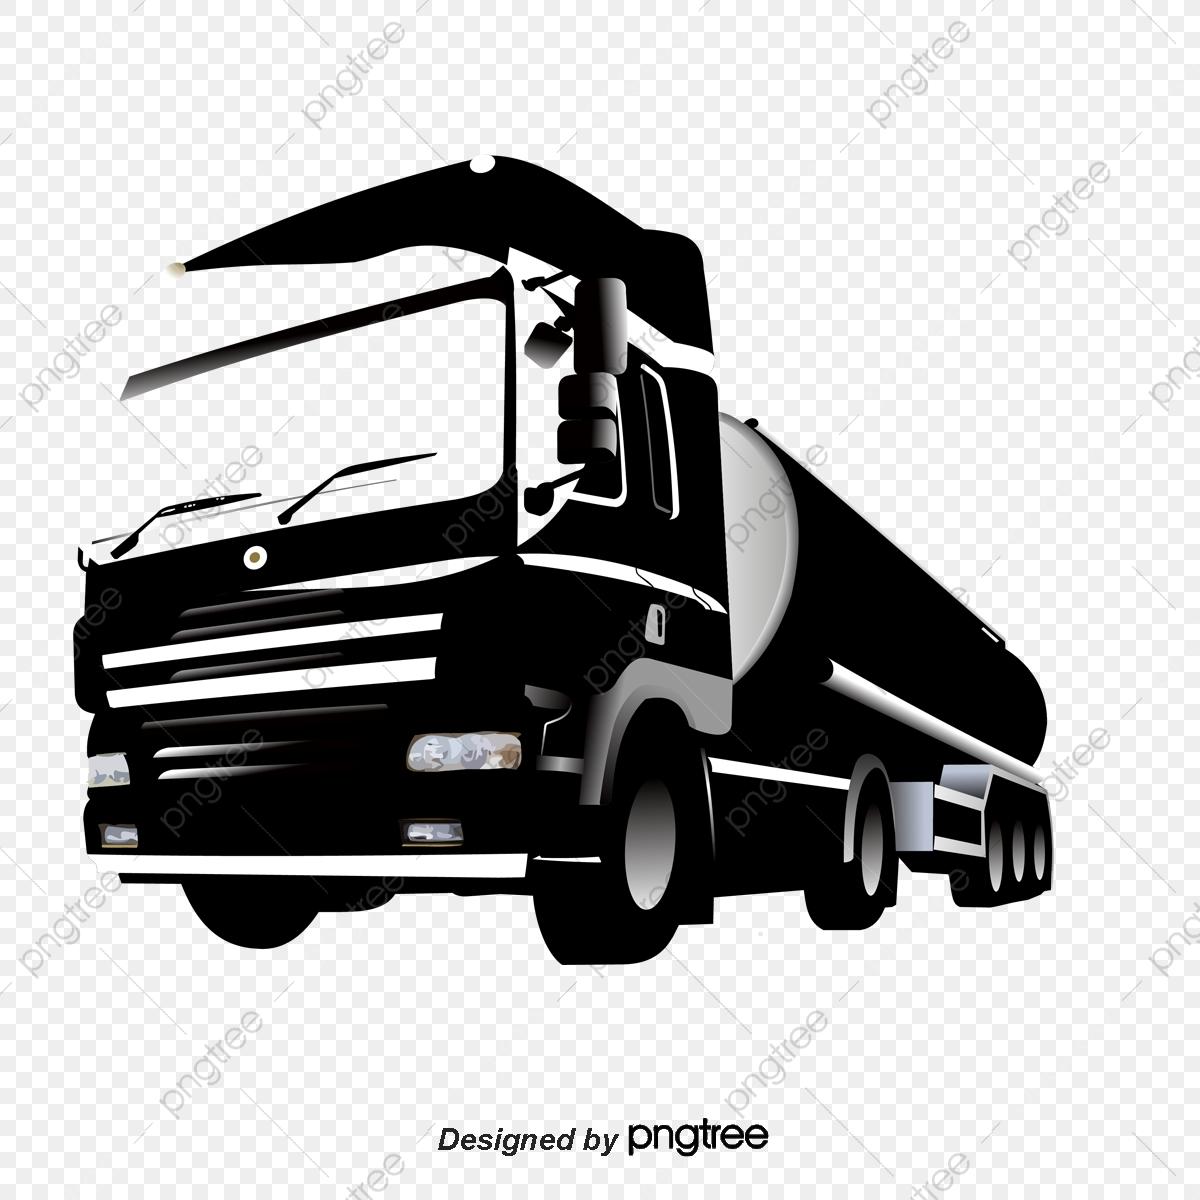 Cartoon Caminhão De Transporte, Frete, Meios De Transporte, O.